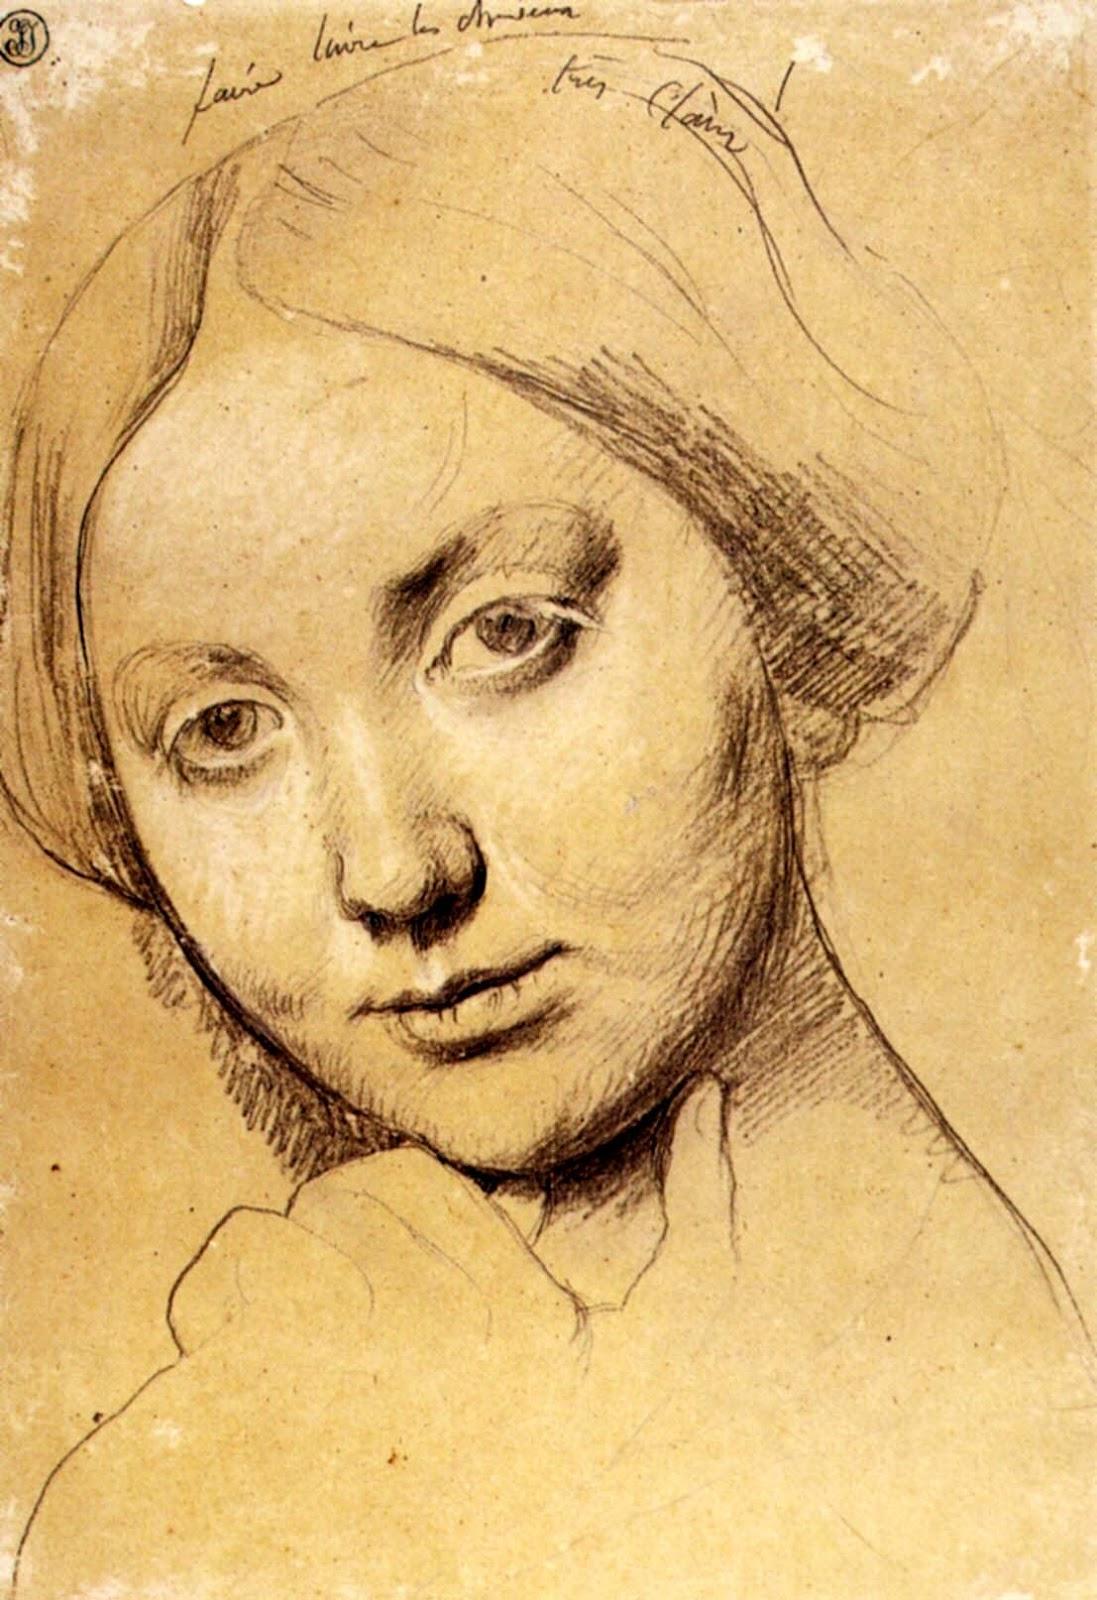 ドミニク・アングルのドーソンヴィル伯爵夫人の肖像の顔のデッサン